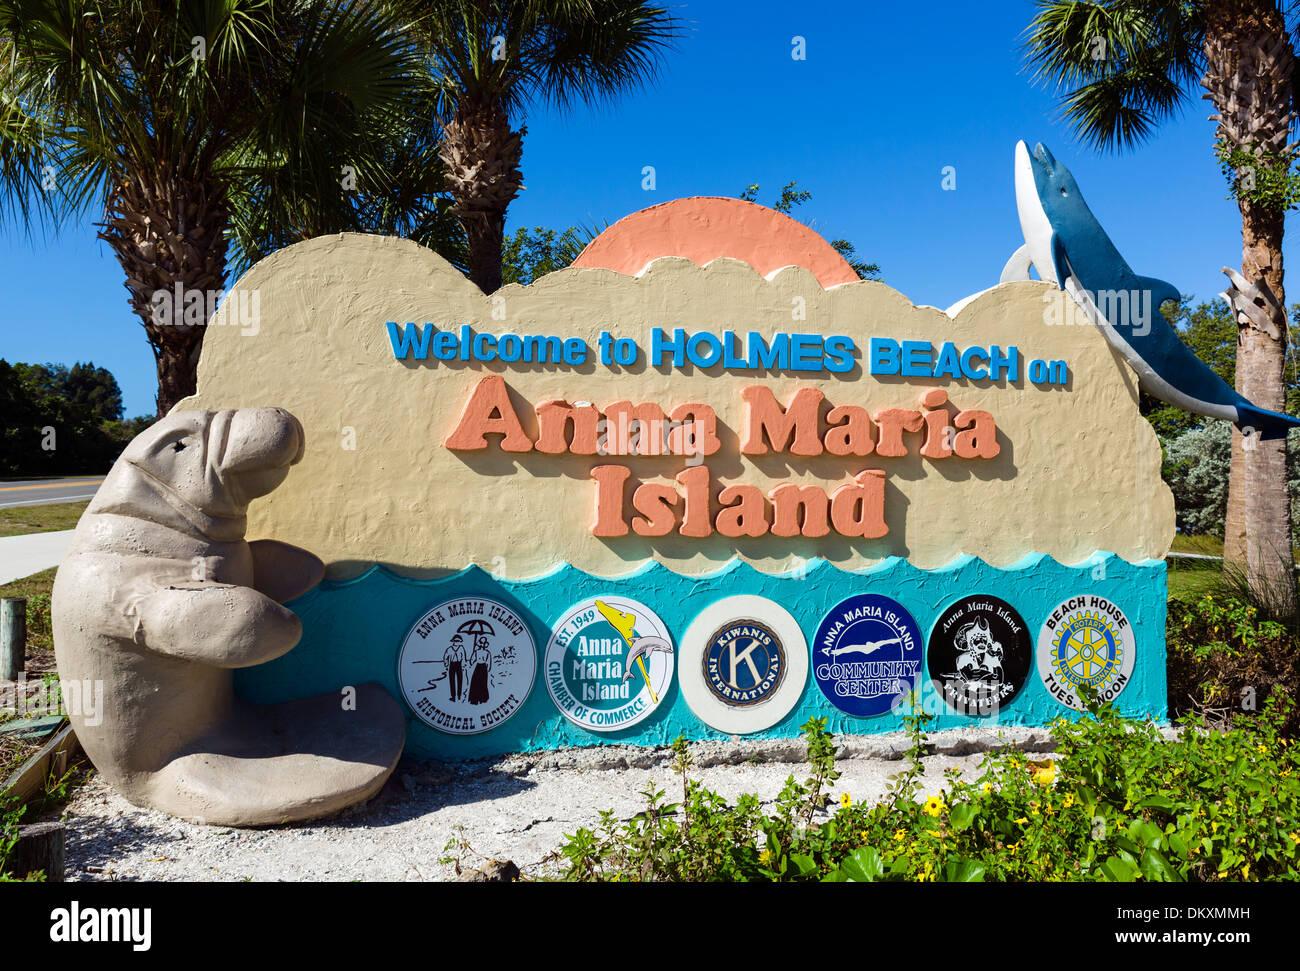 Anna Maria Island Holmes Beach Fl